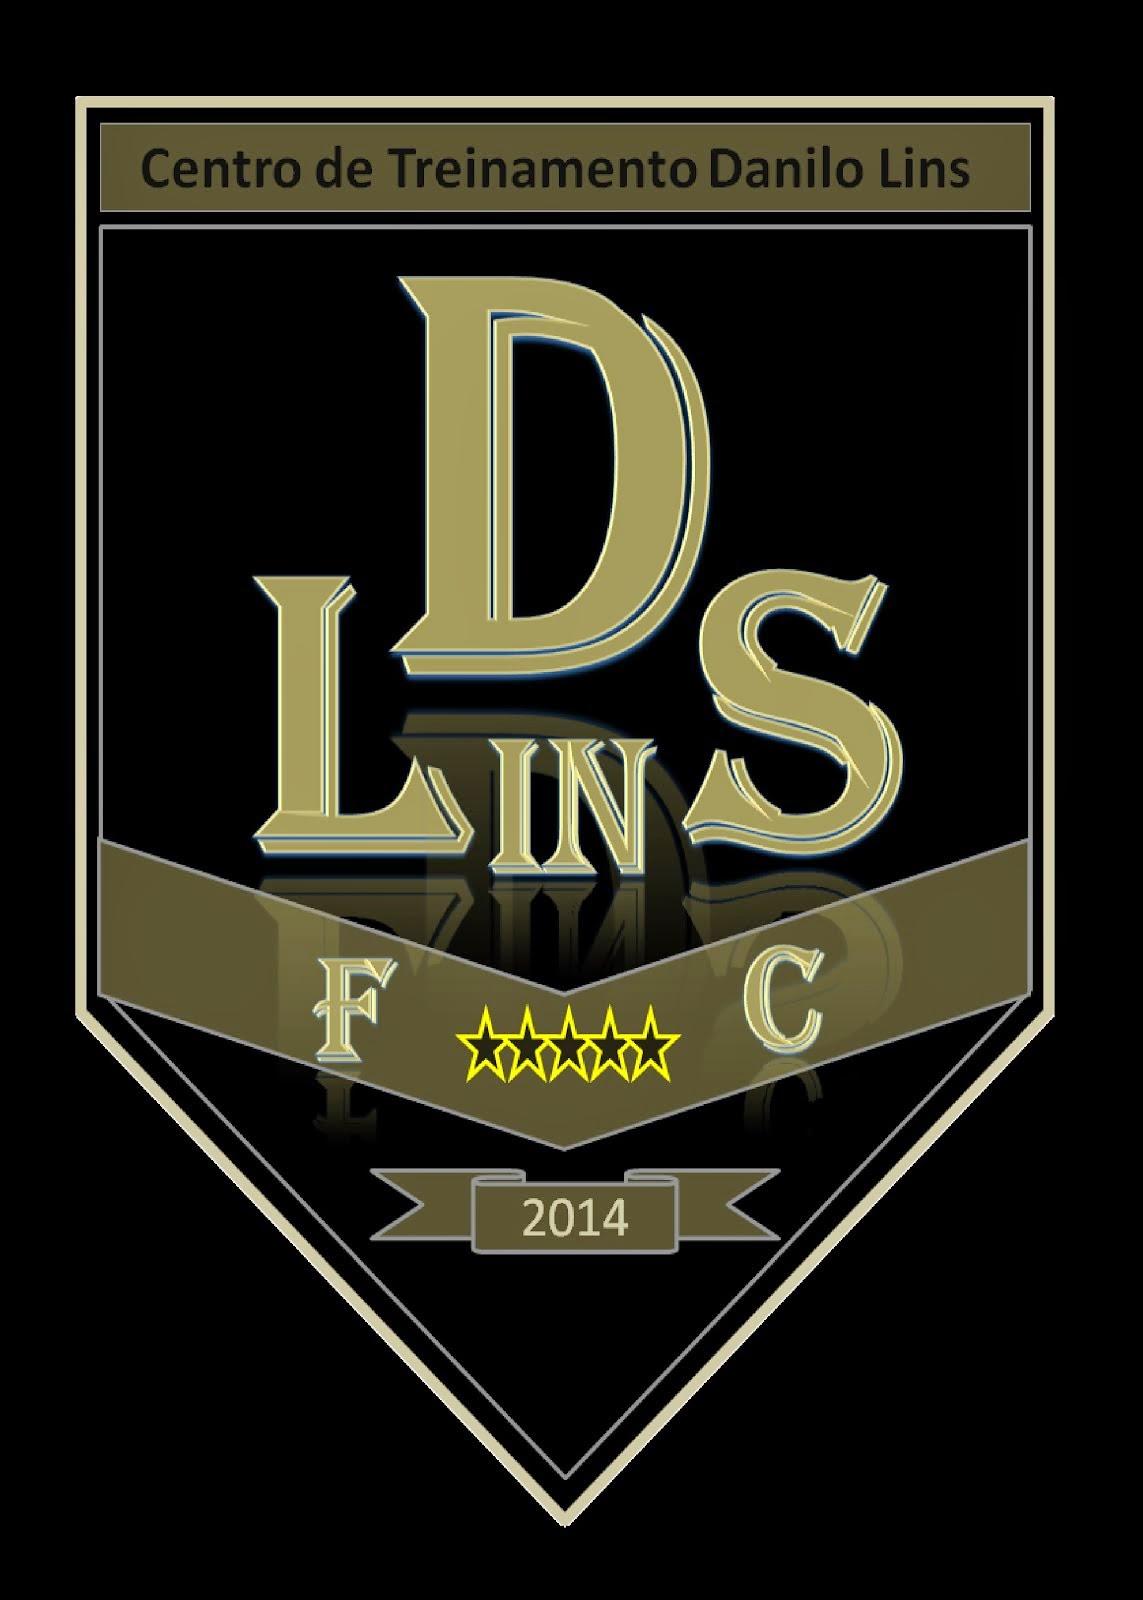 Centro de Treinamento Danilo Lins